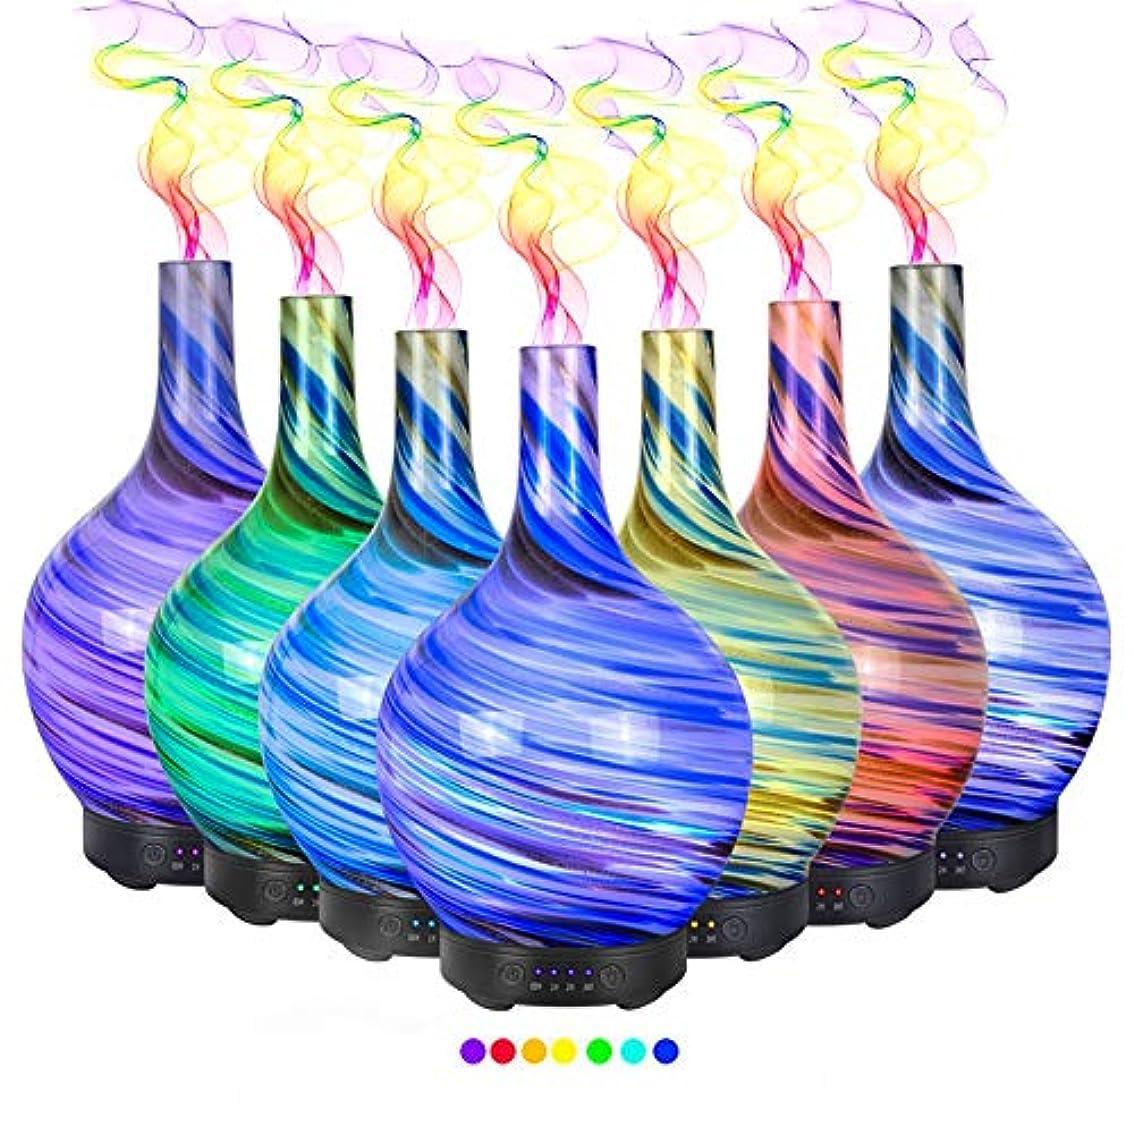 取り組む本当のことを言うとケーブルカーエッセンシャルオイル用ディフューザー (100ml)-3d アートガラストルネードアロマ加湿器7色の変更 LED ライト & 4 タイマー設定、水なしの自動シャットオフ